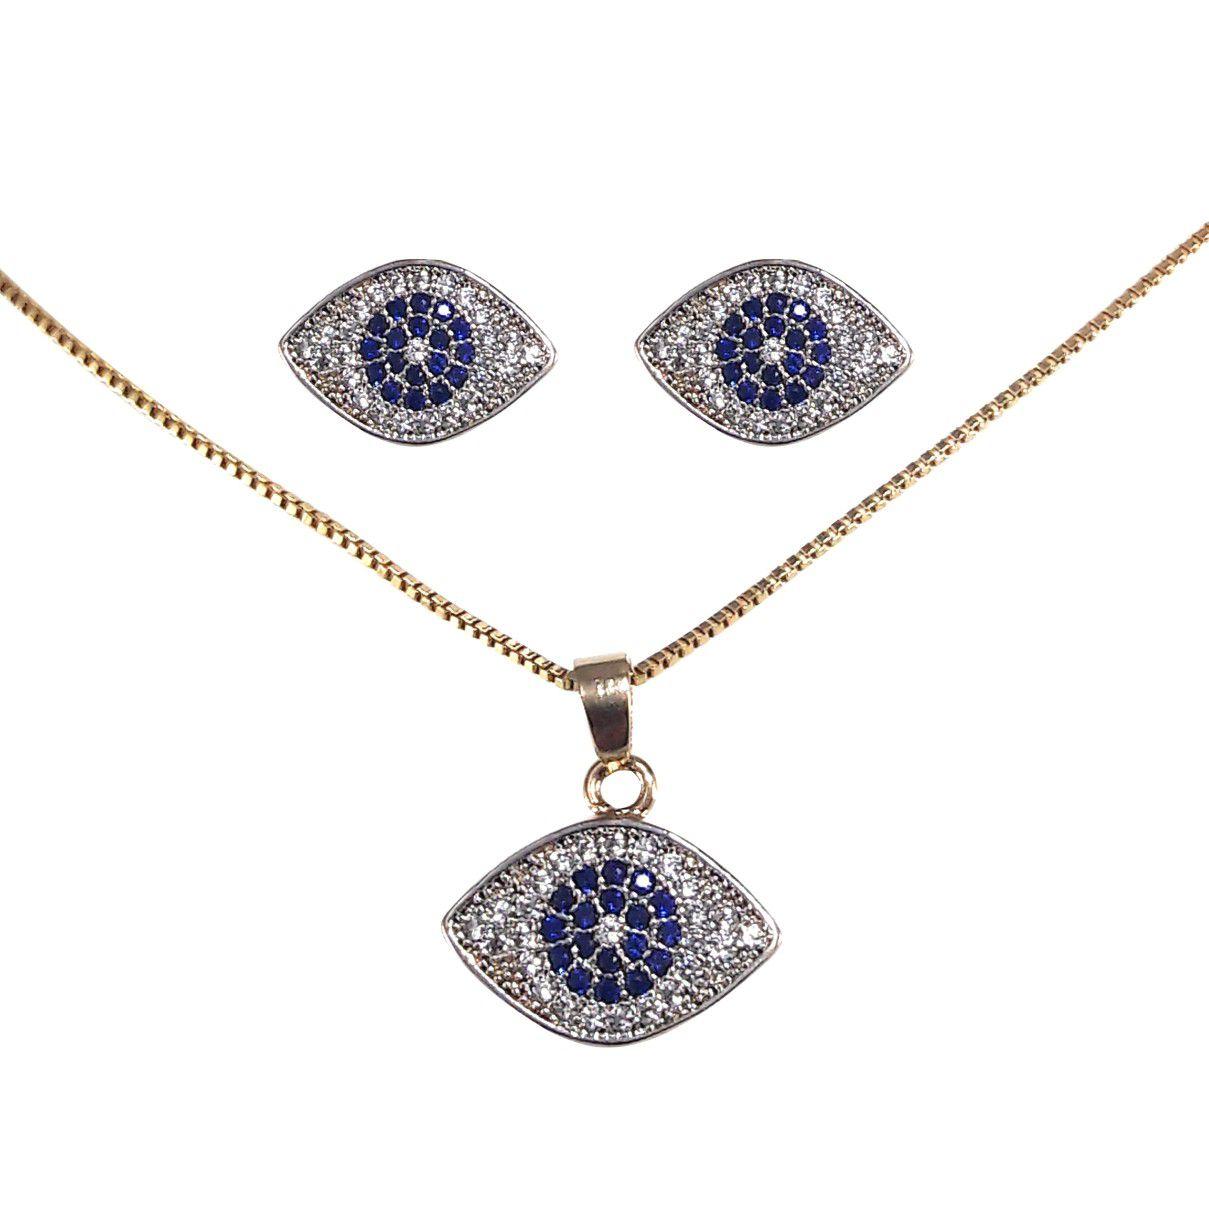 Conjunto Olho Grego banho em ouro 18k cravejado com zircônias brancas  e azuis